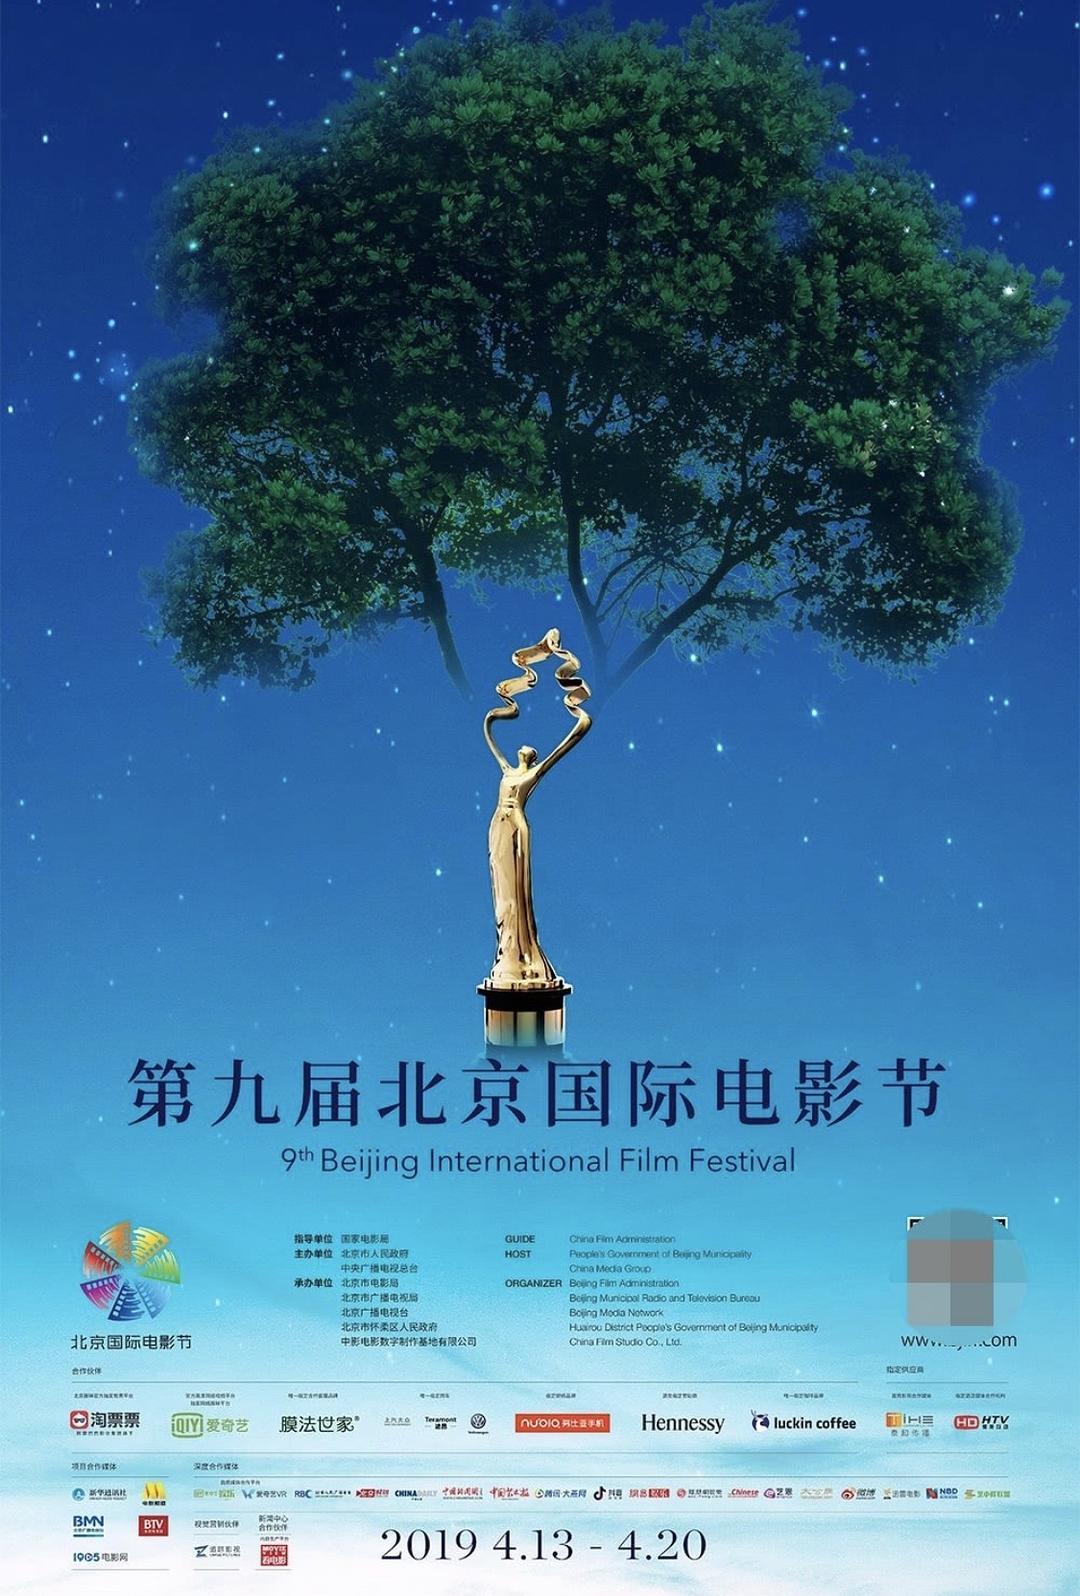 华语地区九大影展海报大PK,感到一股难以言表复杂的情绪…… 涨姿势 第1张